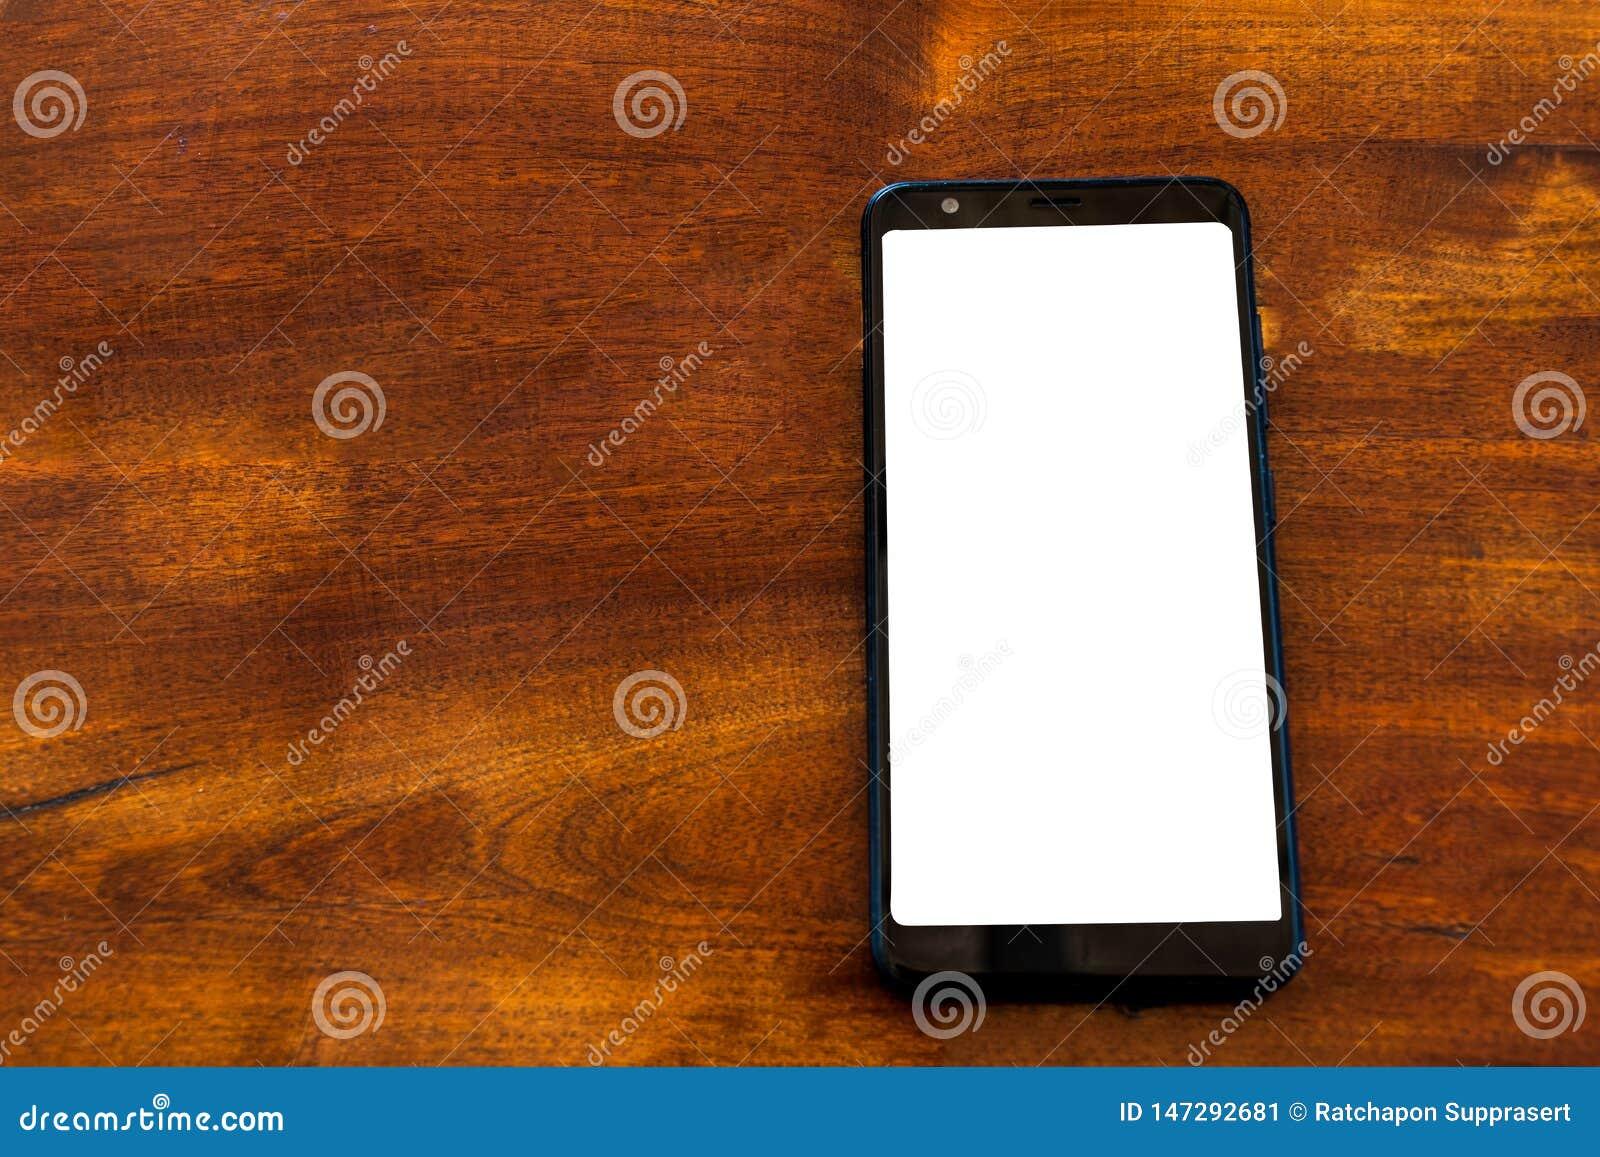 Smartphone-model op houten lijst